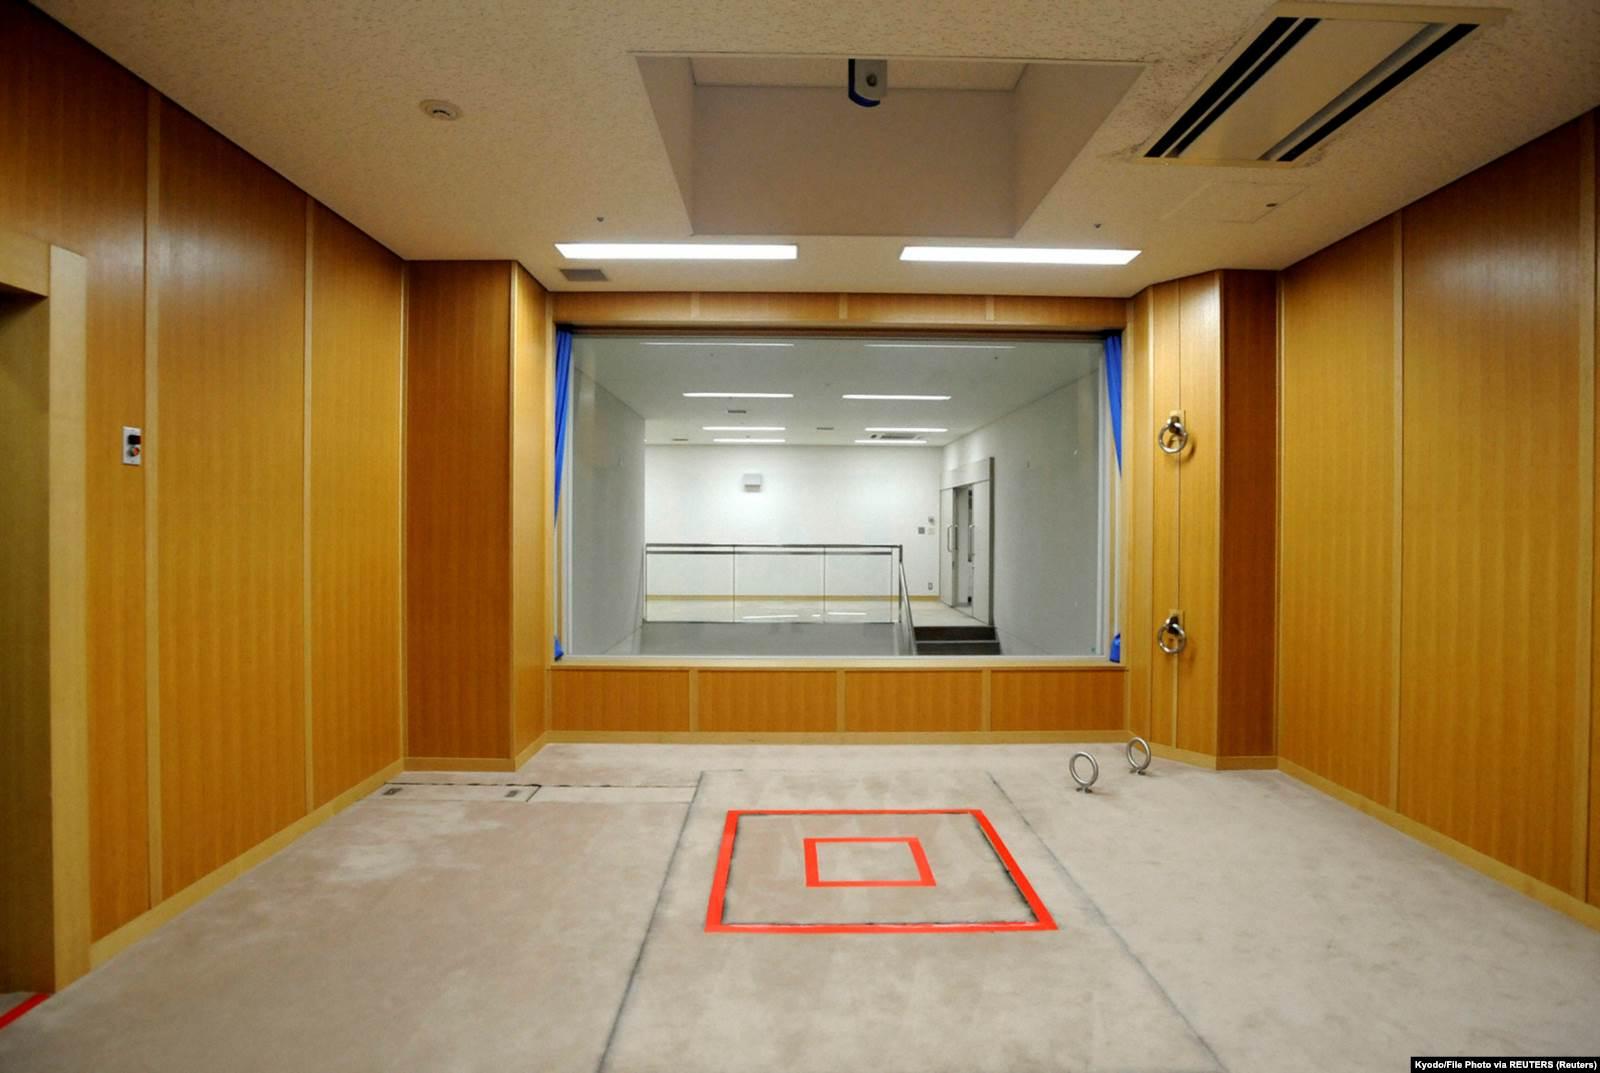 Комната для исполнения смертных приговоров в Центре для заключенных в Токио, Япония. Август 2010 года. Фото: Kyodo via Reuters